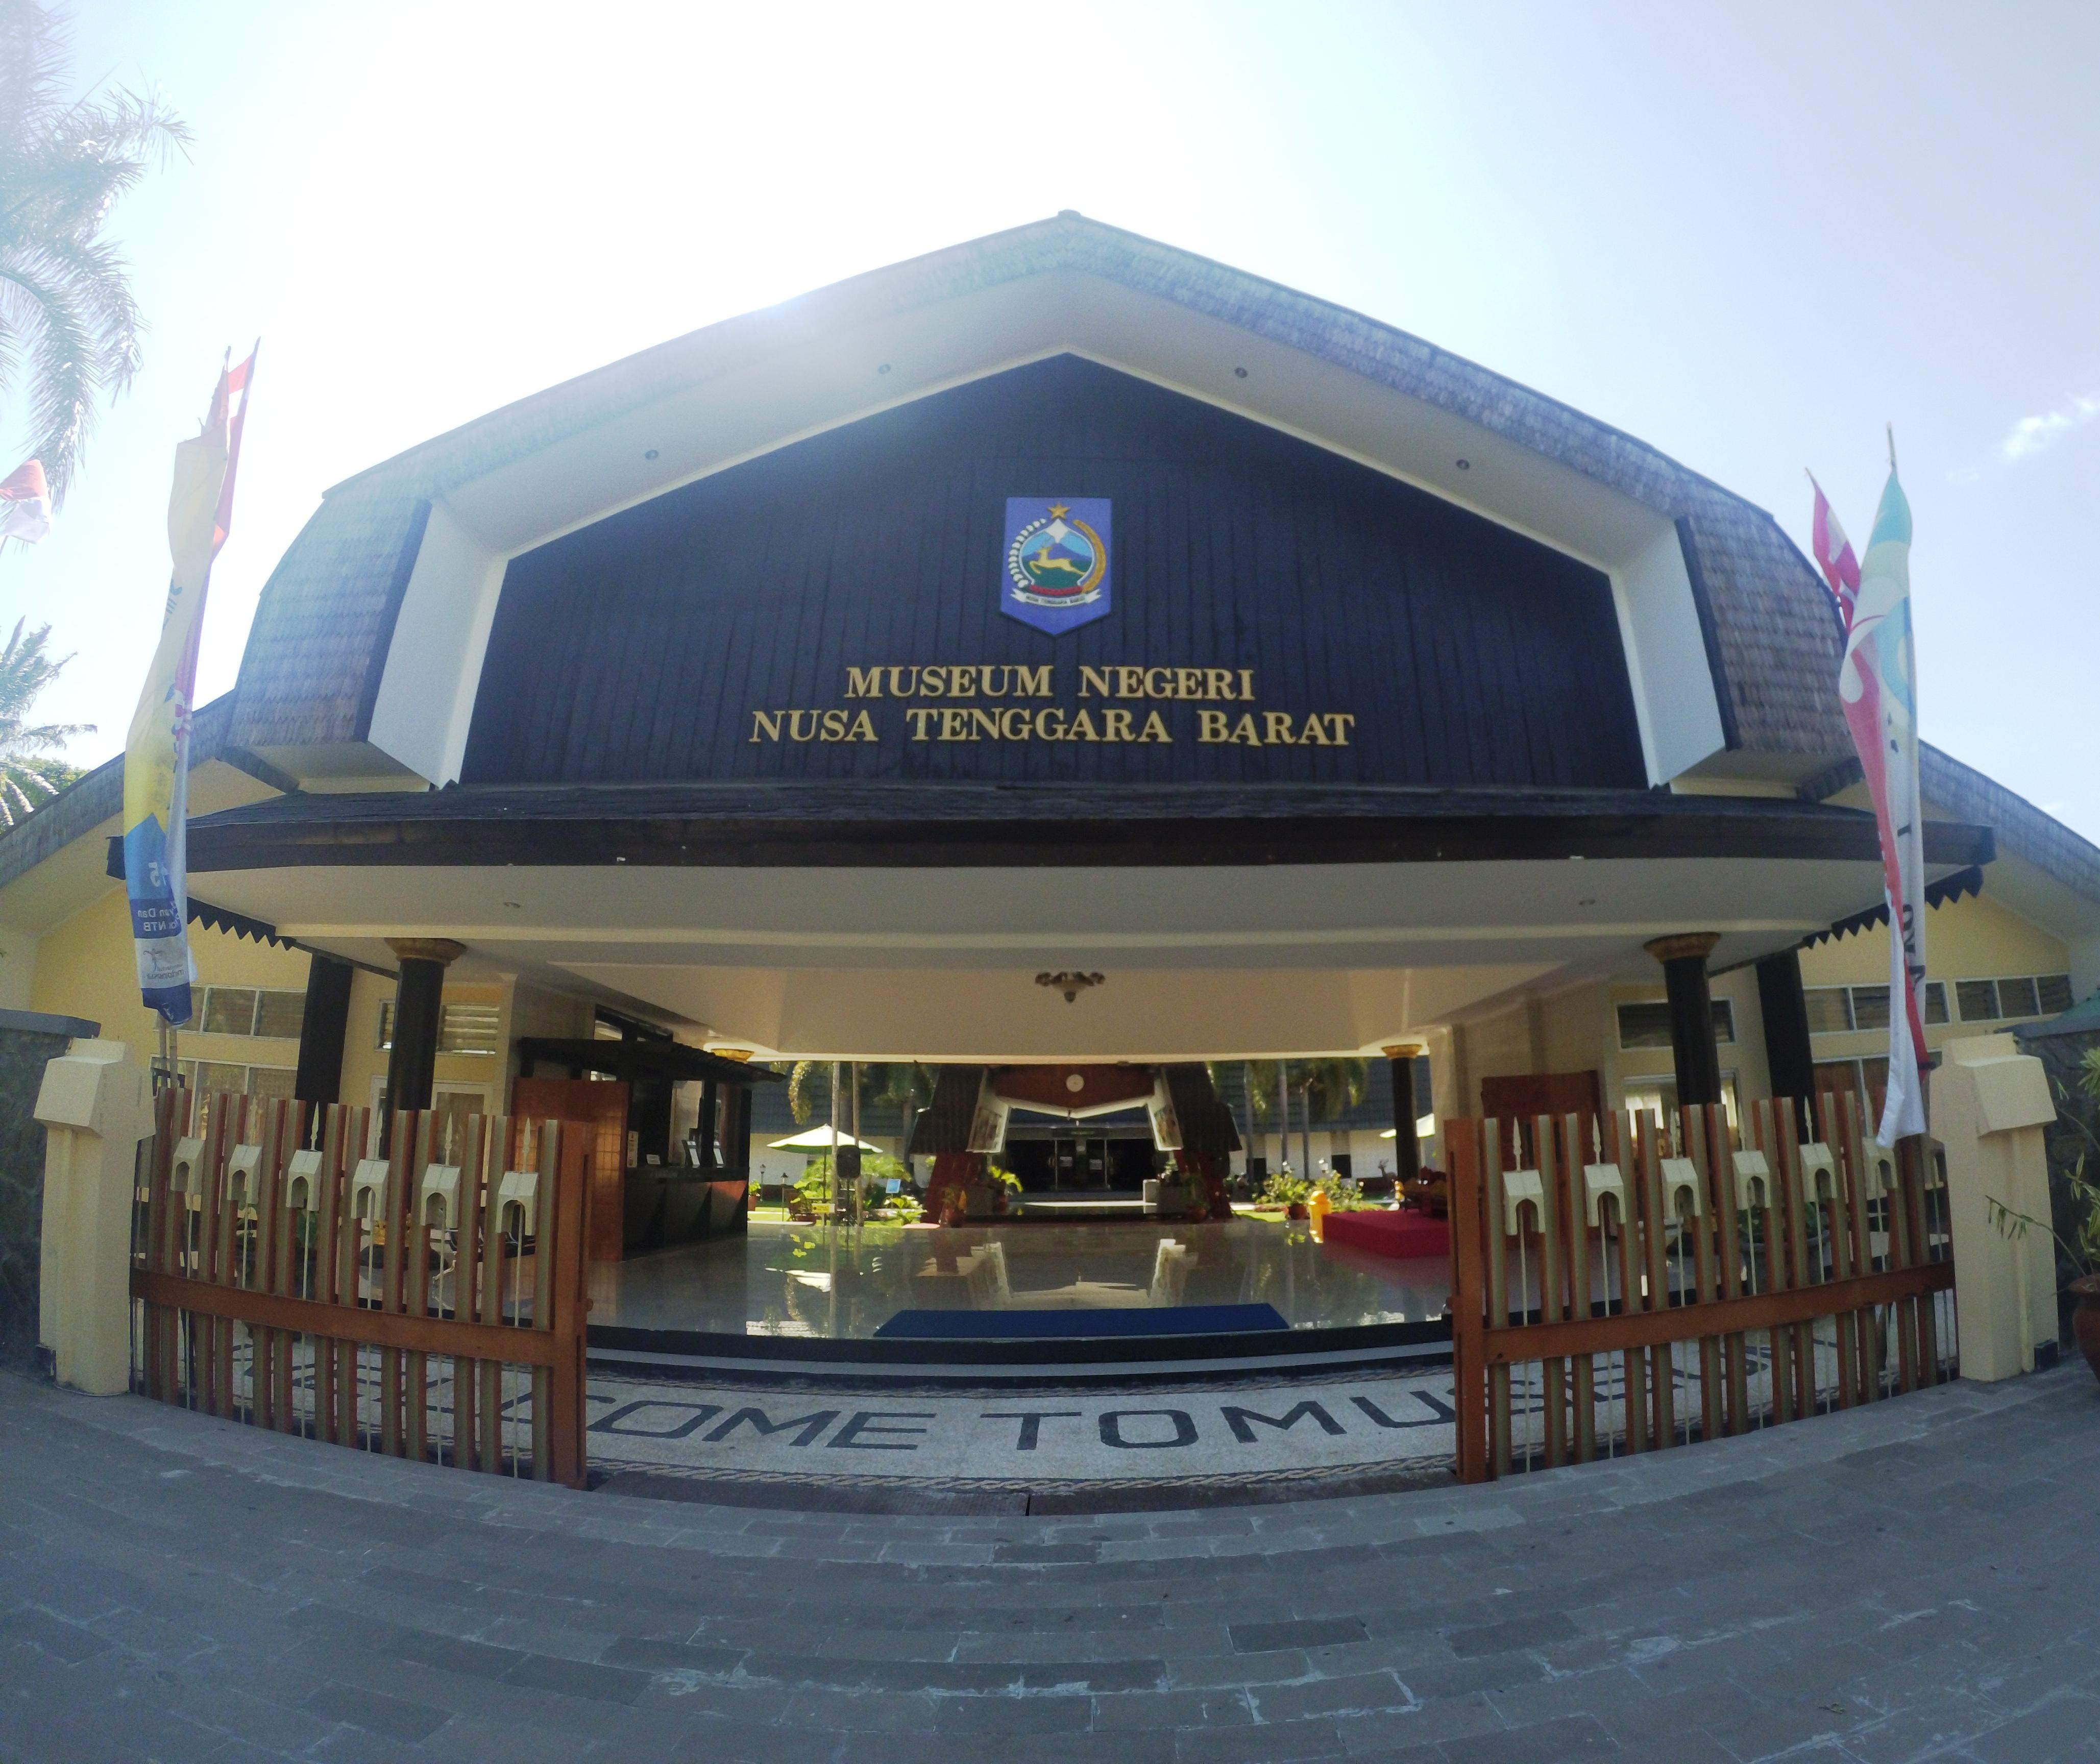 Dong Ayok Museum Negeri Nusa Tenggara Barat Devi Nasution Https